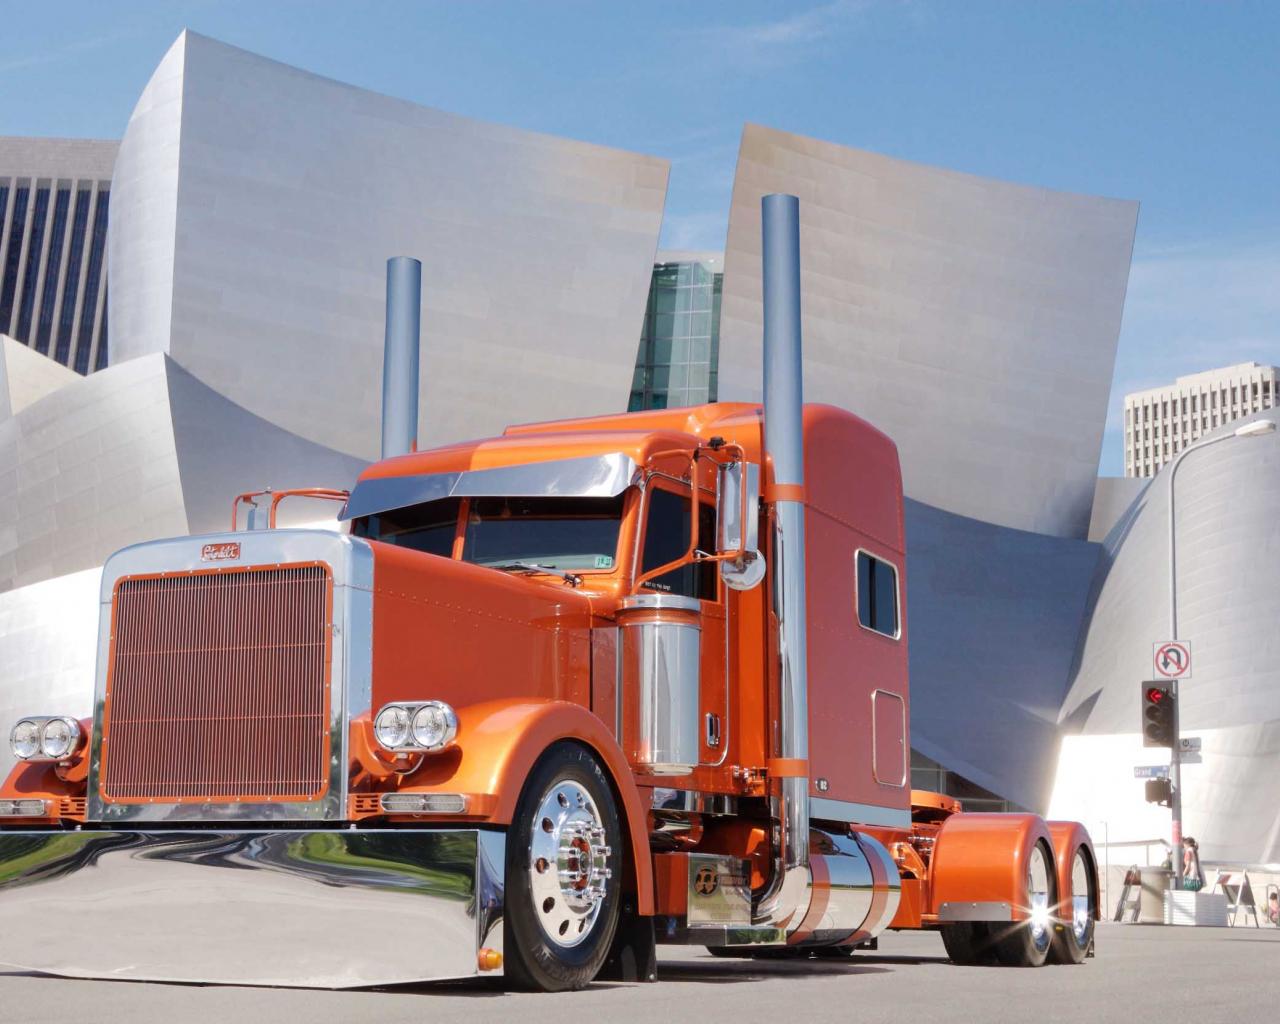 Custom Semi Truck Wallpaper Rigs Tractor Trucks Background 2496x1660